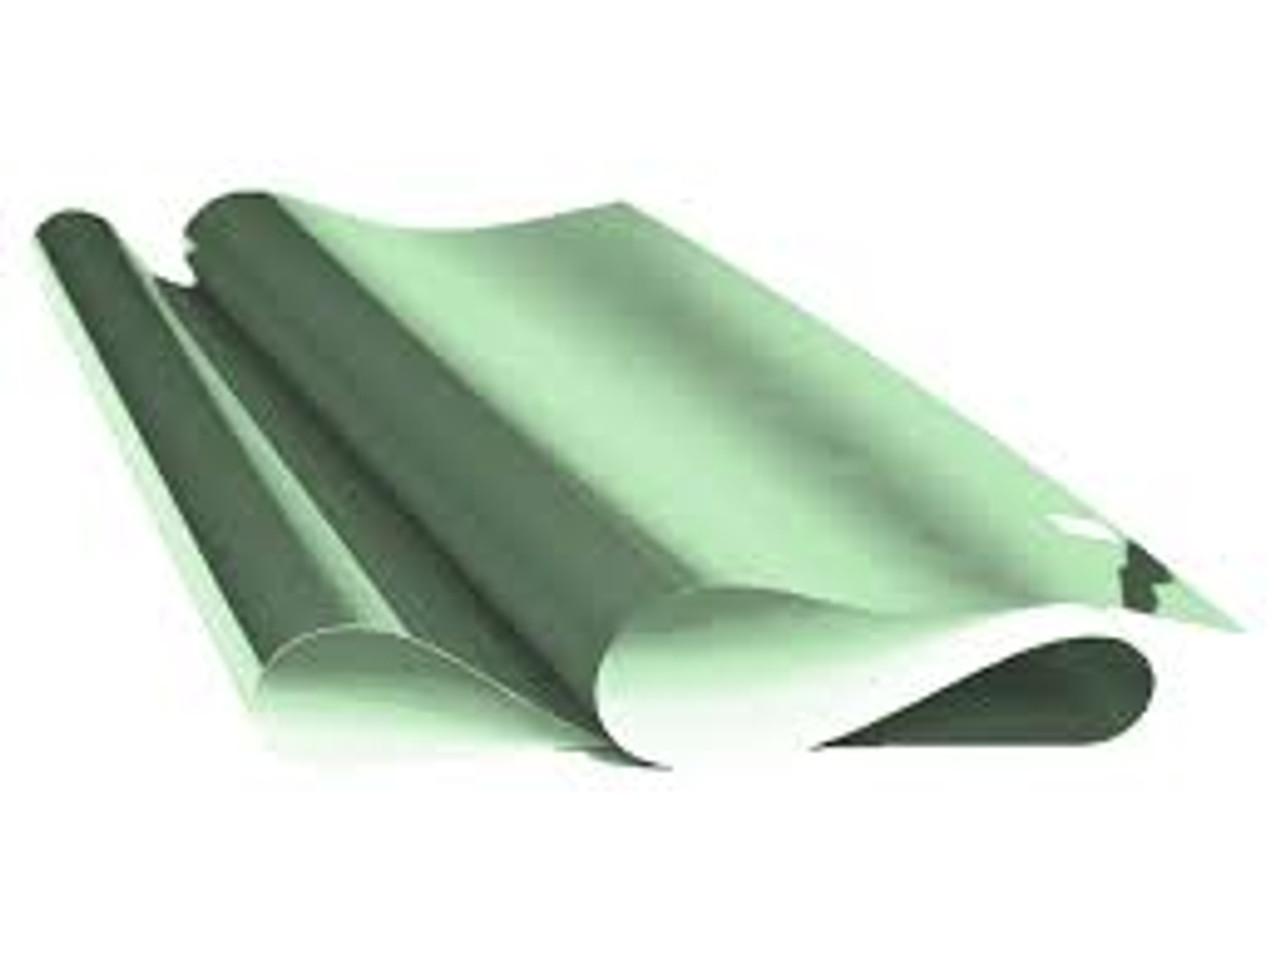 Lee Gels Sheet #242 LEE Fluorescent 4300 Kelvin 1